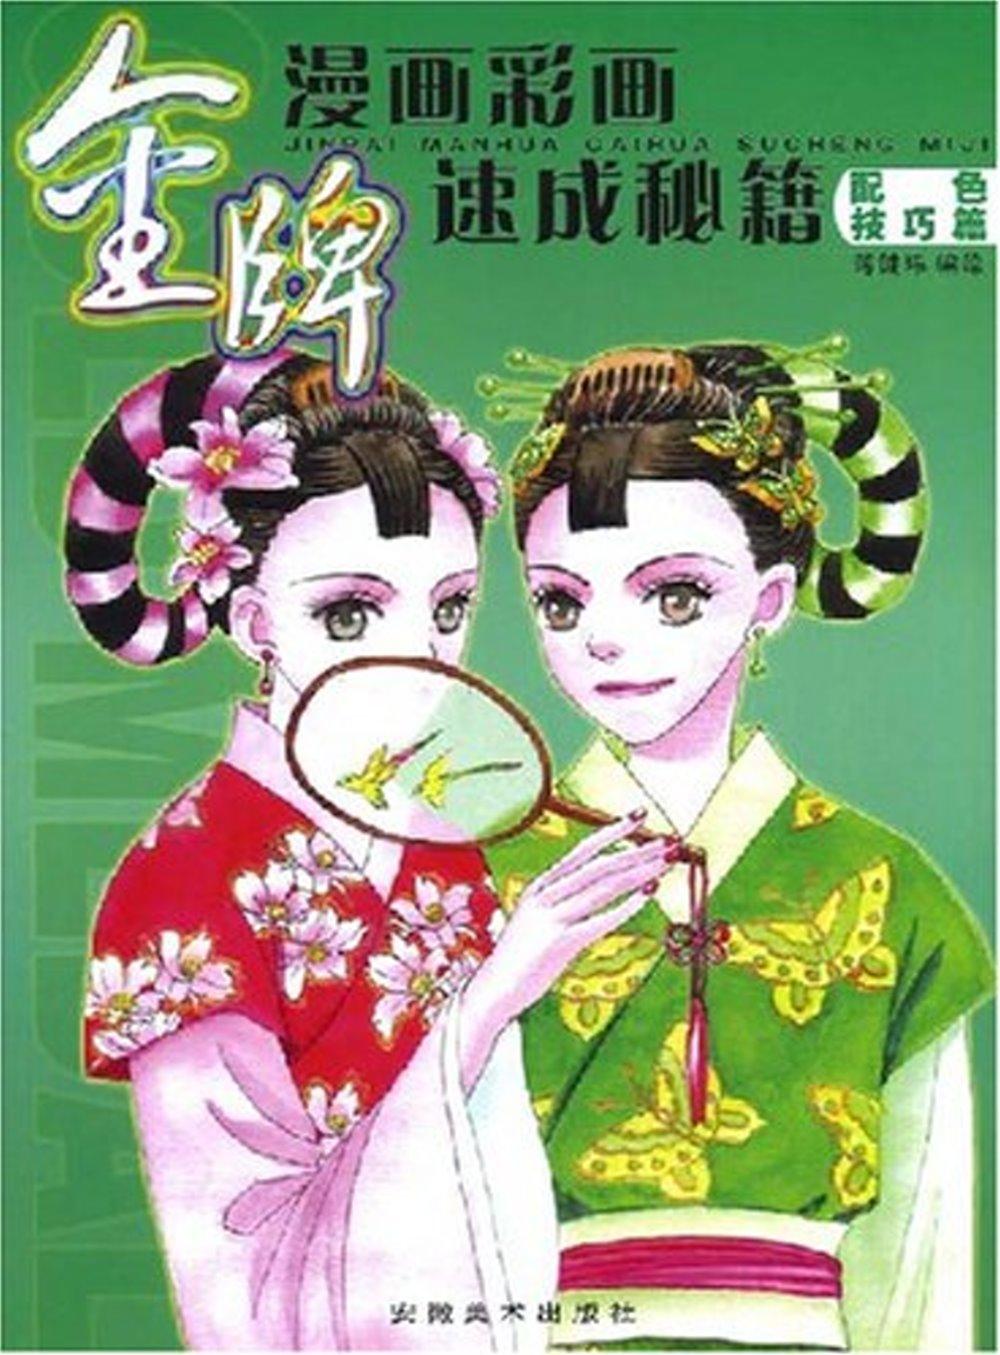 金牌漫畫彩畫速成秘籍:配色技巧篇